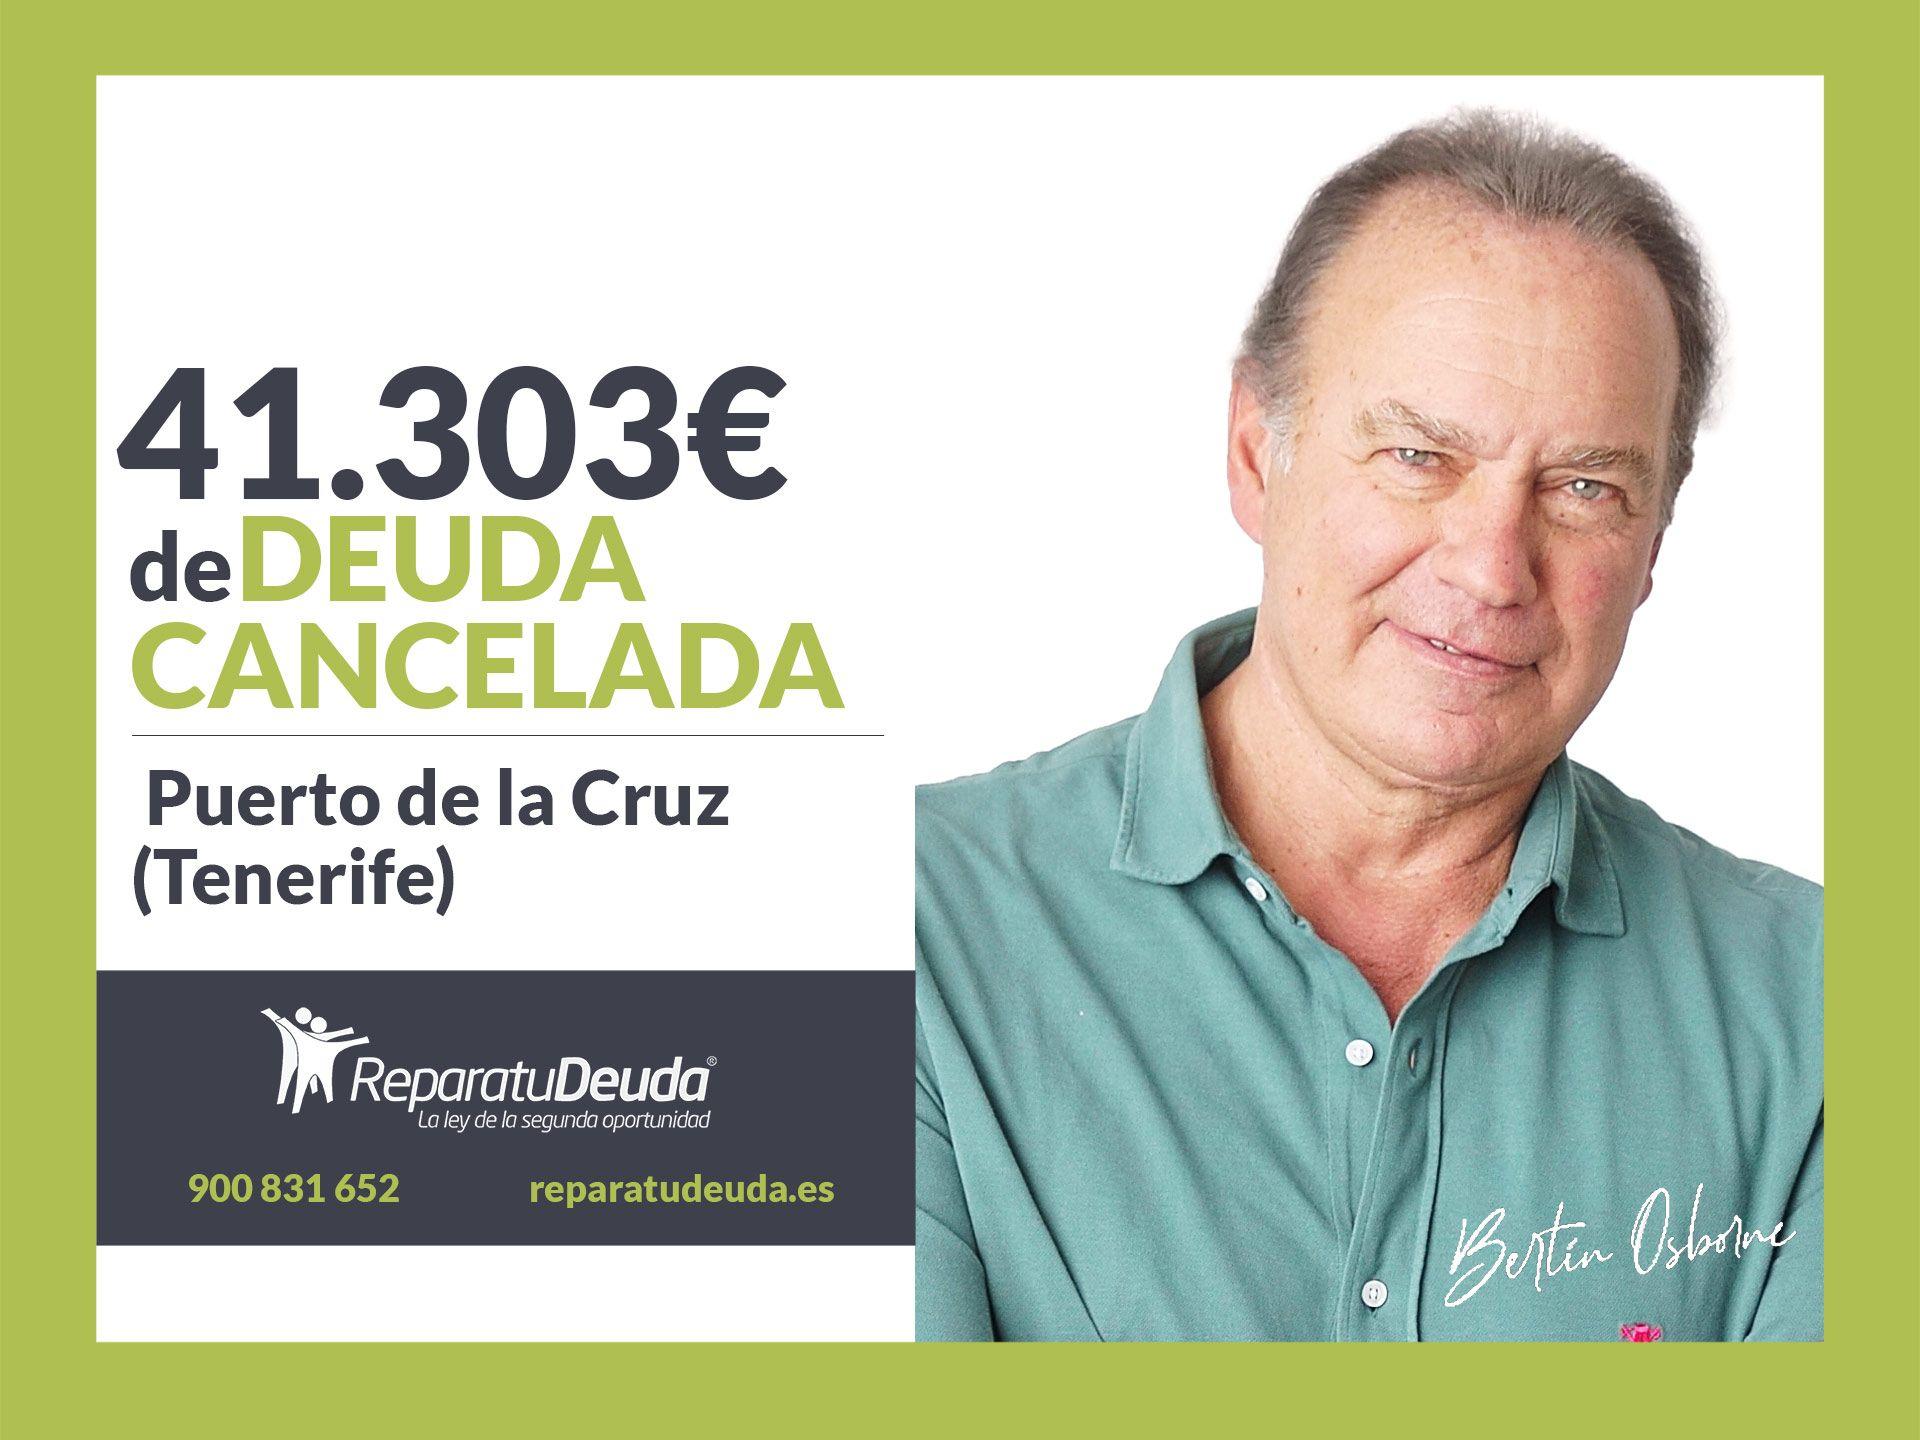 Repara tu Deuda Abogados cancela 41.303 ? en Tenerife con la Ley de la Segunda Oportunidad